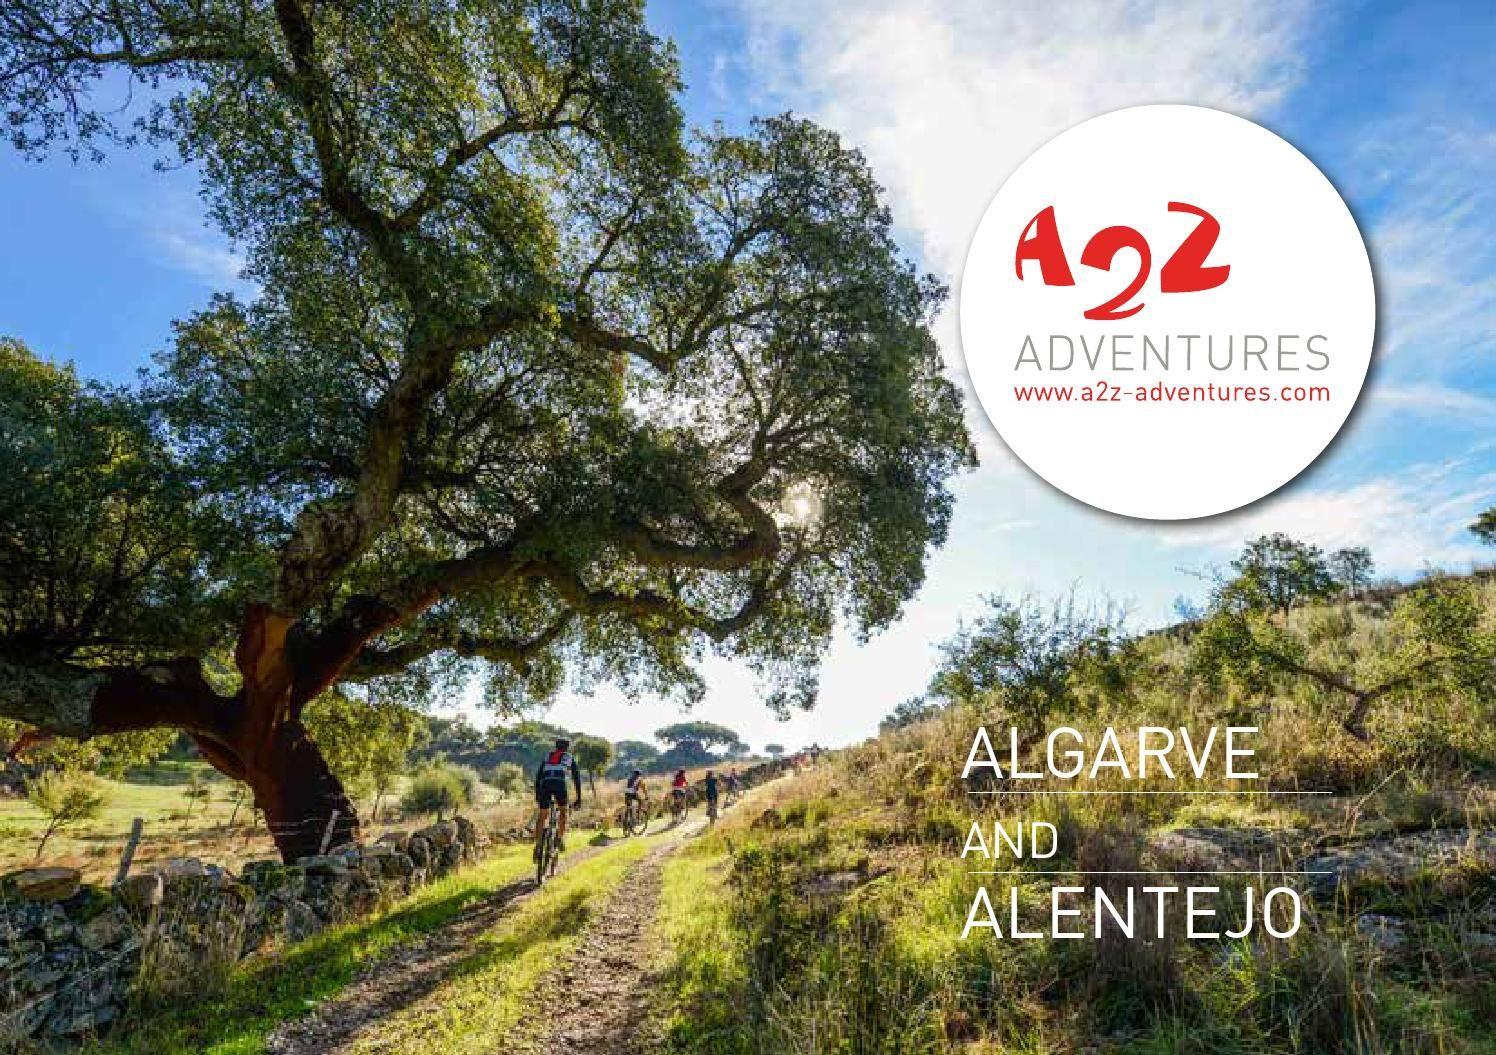 Alentejo algarve  Discover the South of Portugal, Alentejo and the SW Coast of Algarve destination brochure.